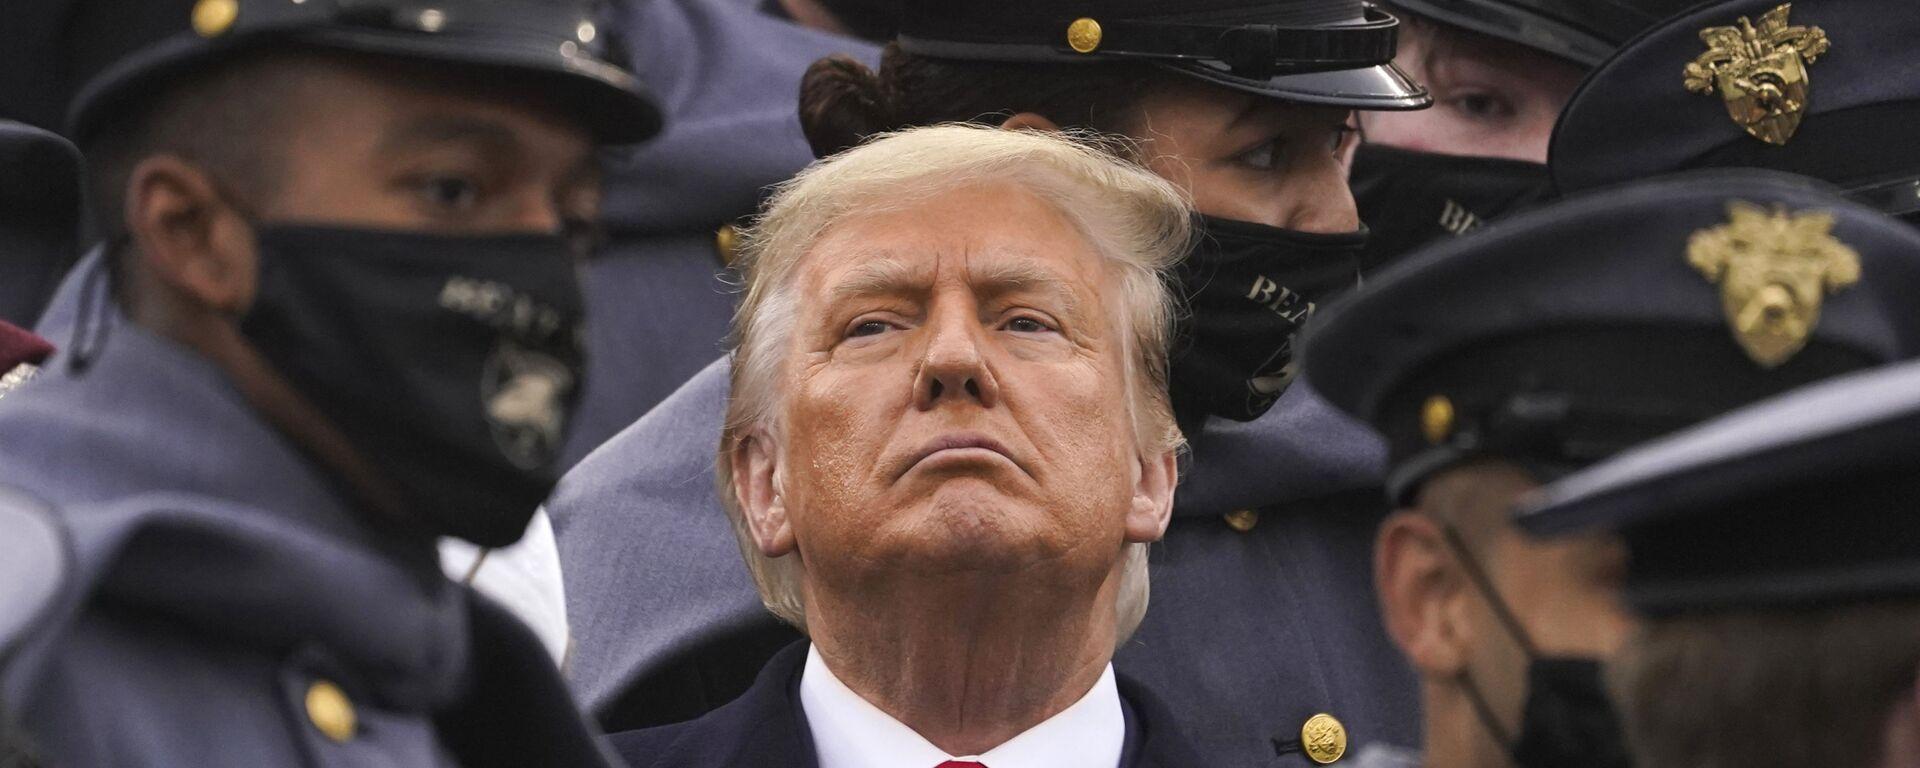 ASV bijušais prezidents Donalds Tramps - Sputnik Latvija, 1920, 26.09.2021